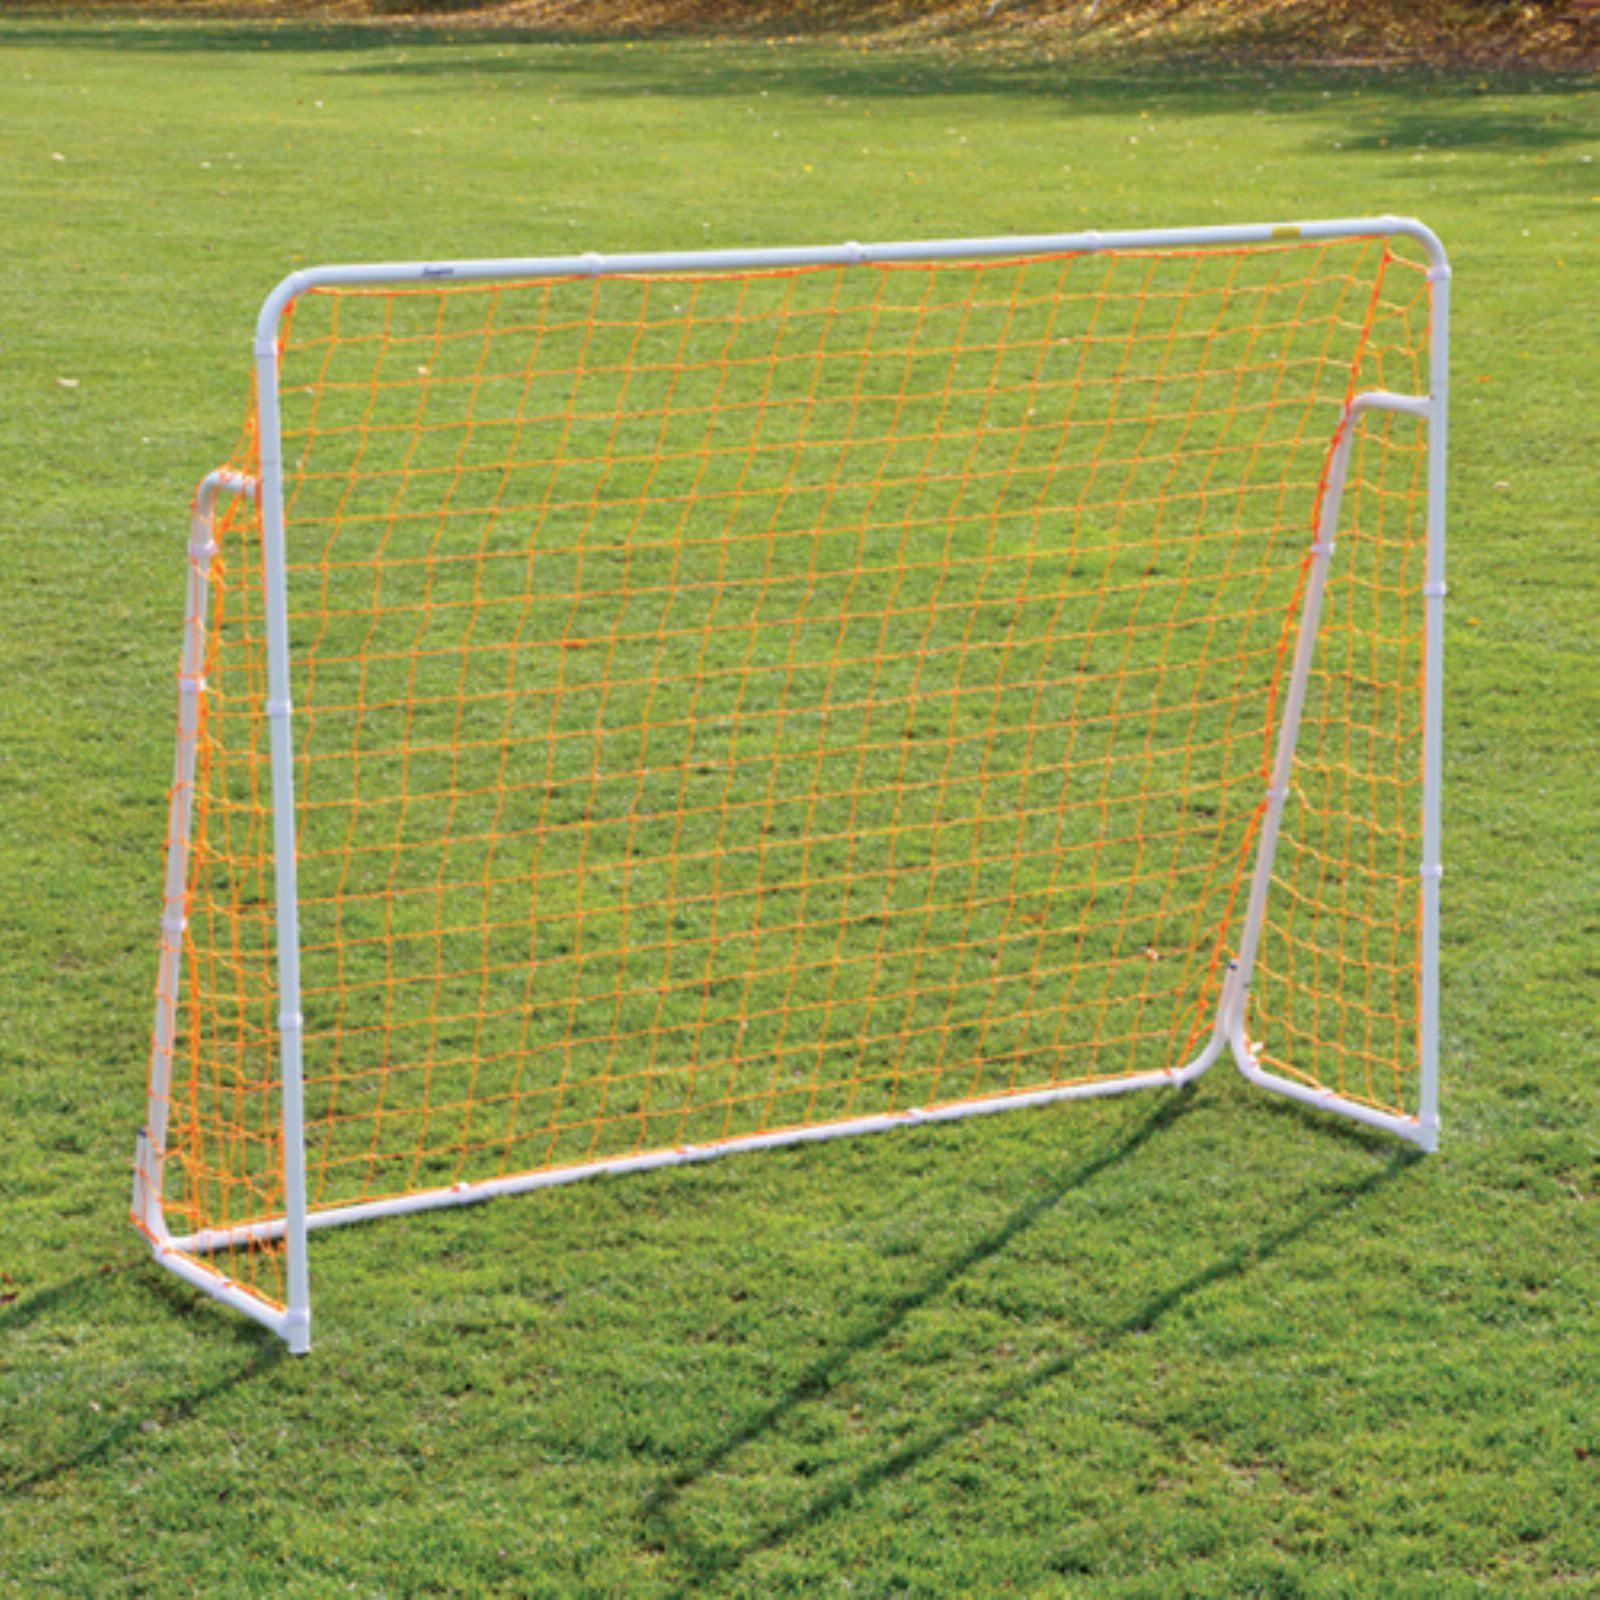 Jaypro Portable Short Sided Soccer Goal